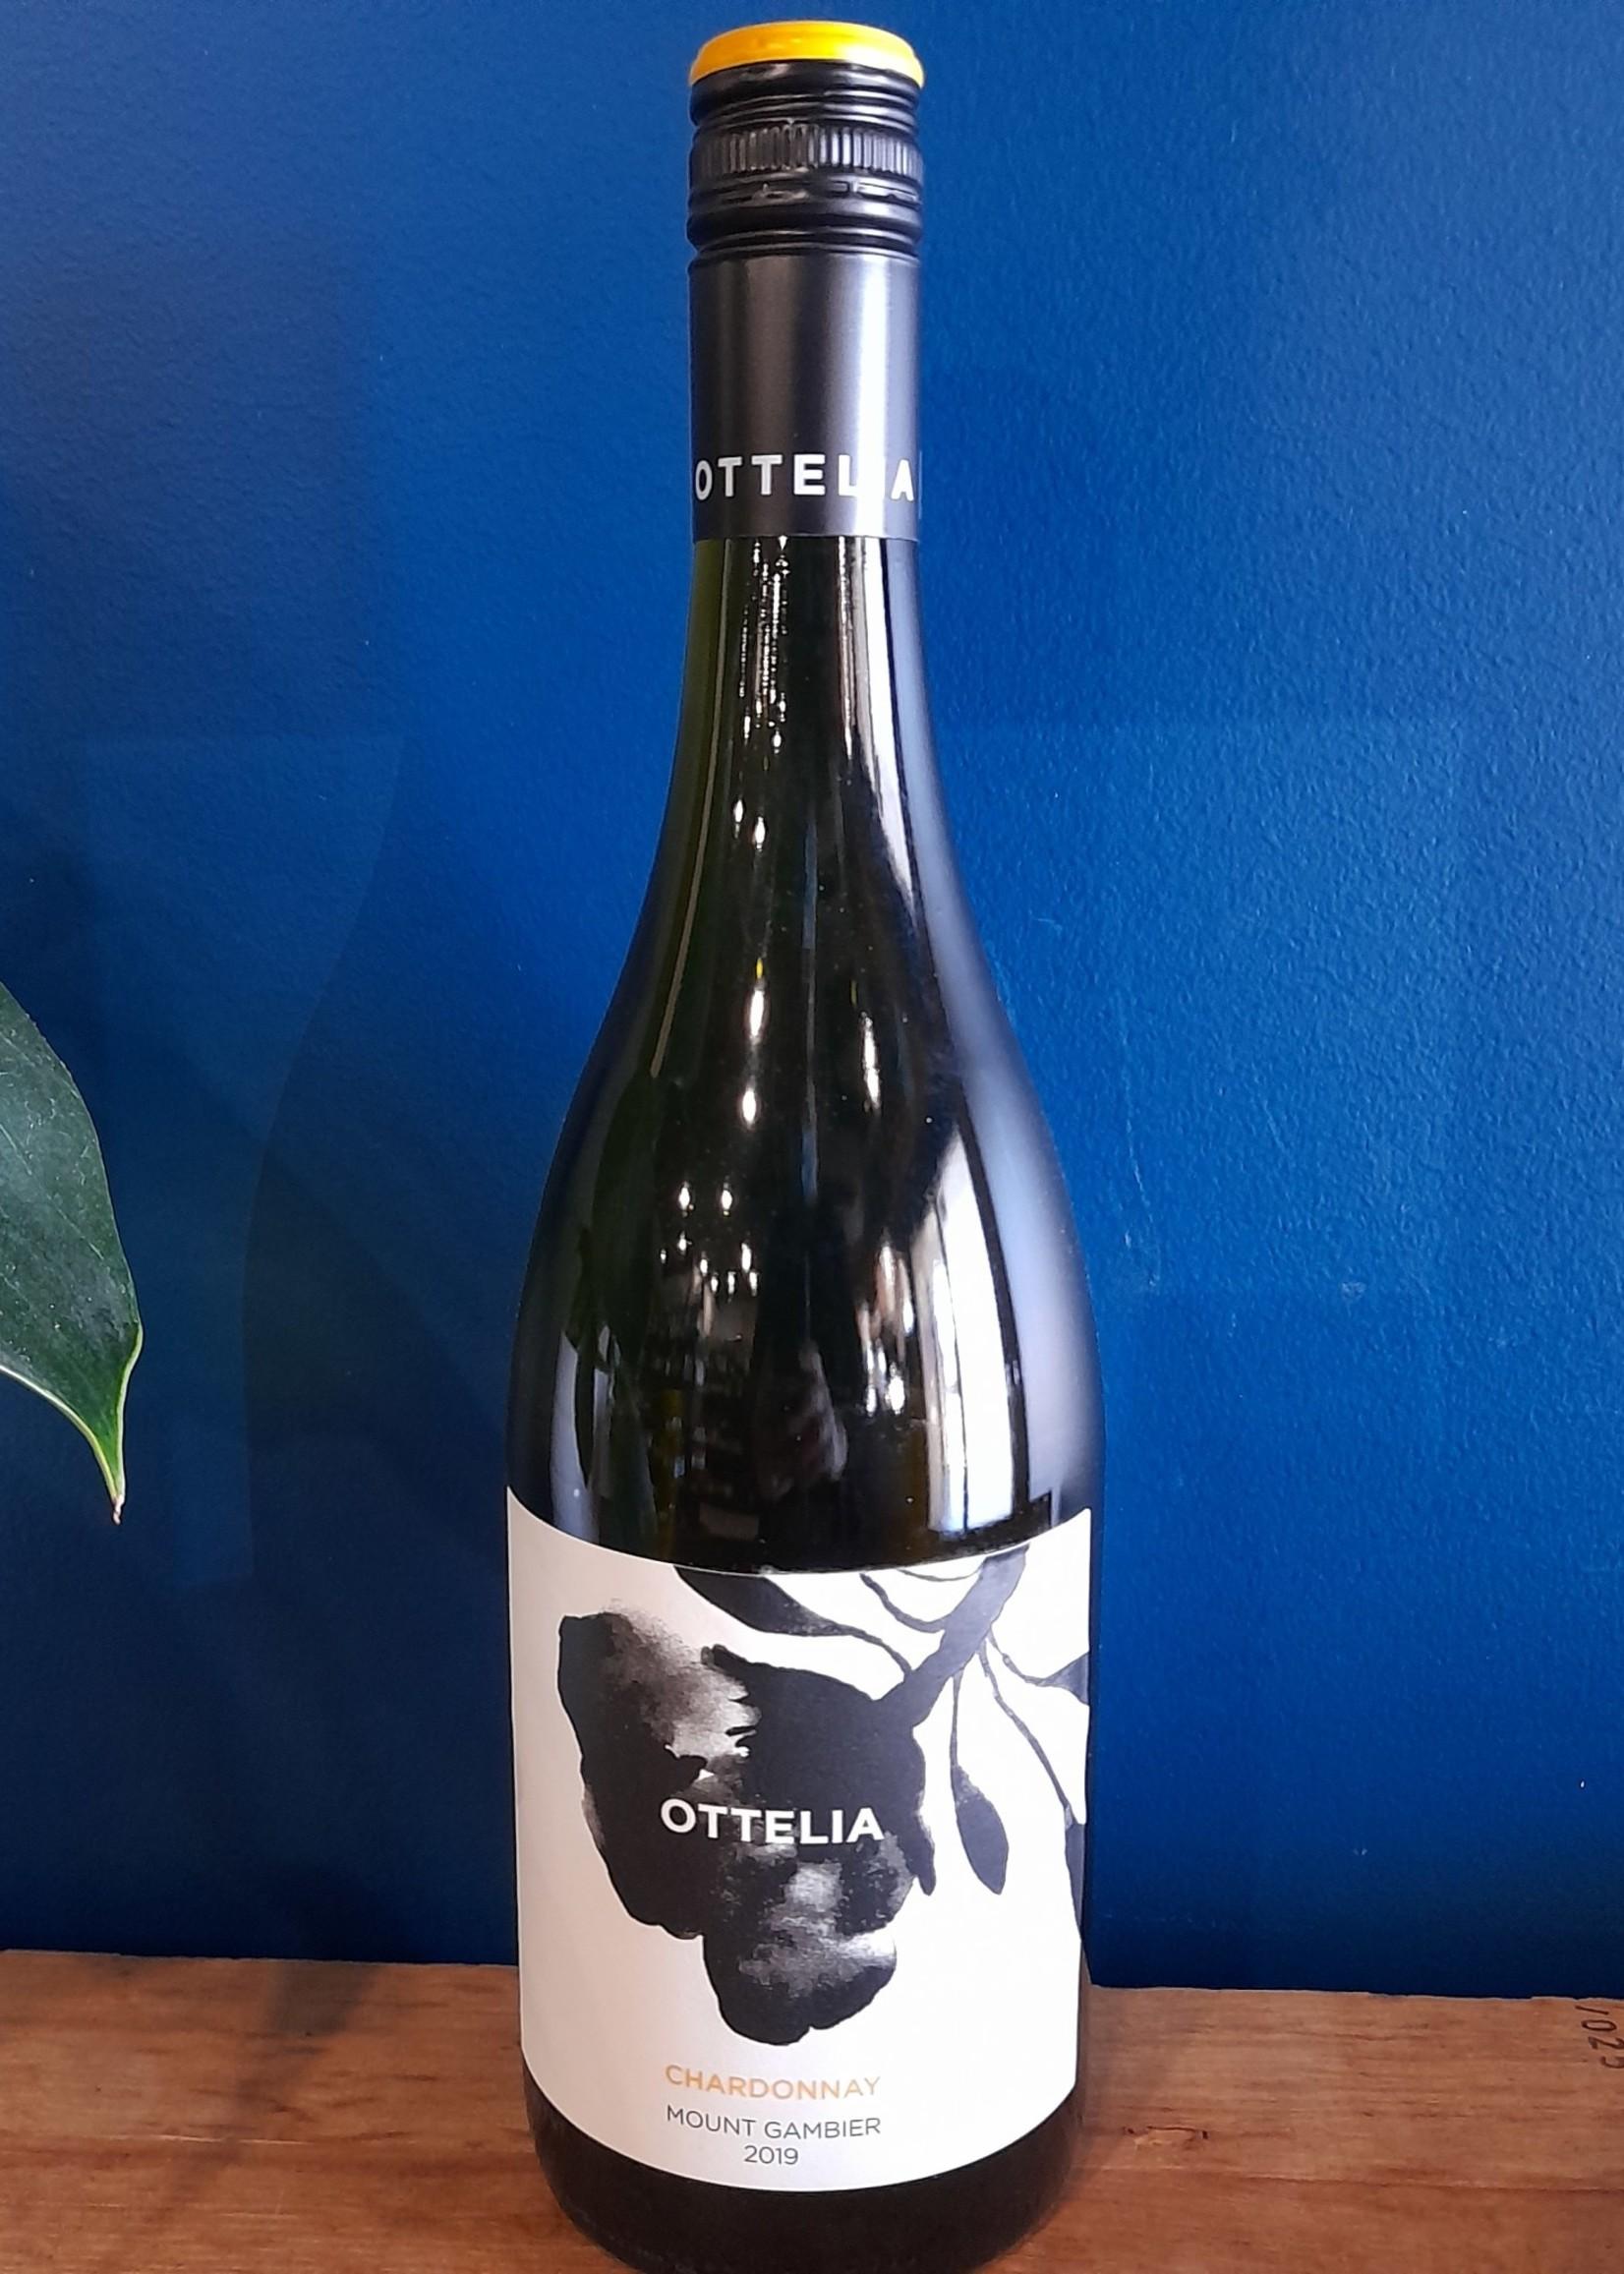 Ottelia Ottelia Chardonnay 2019